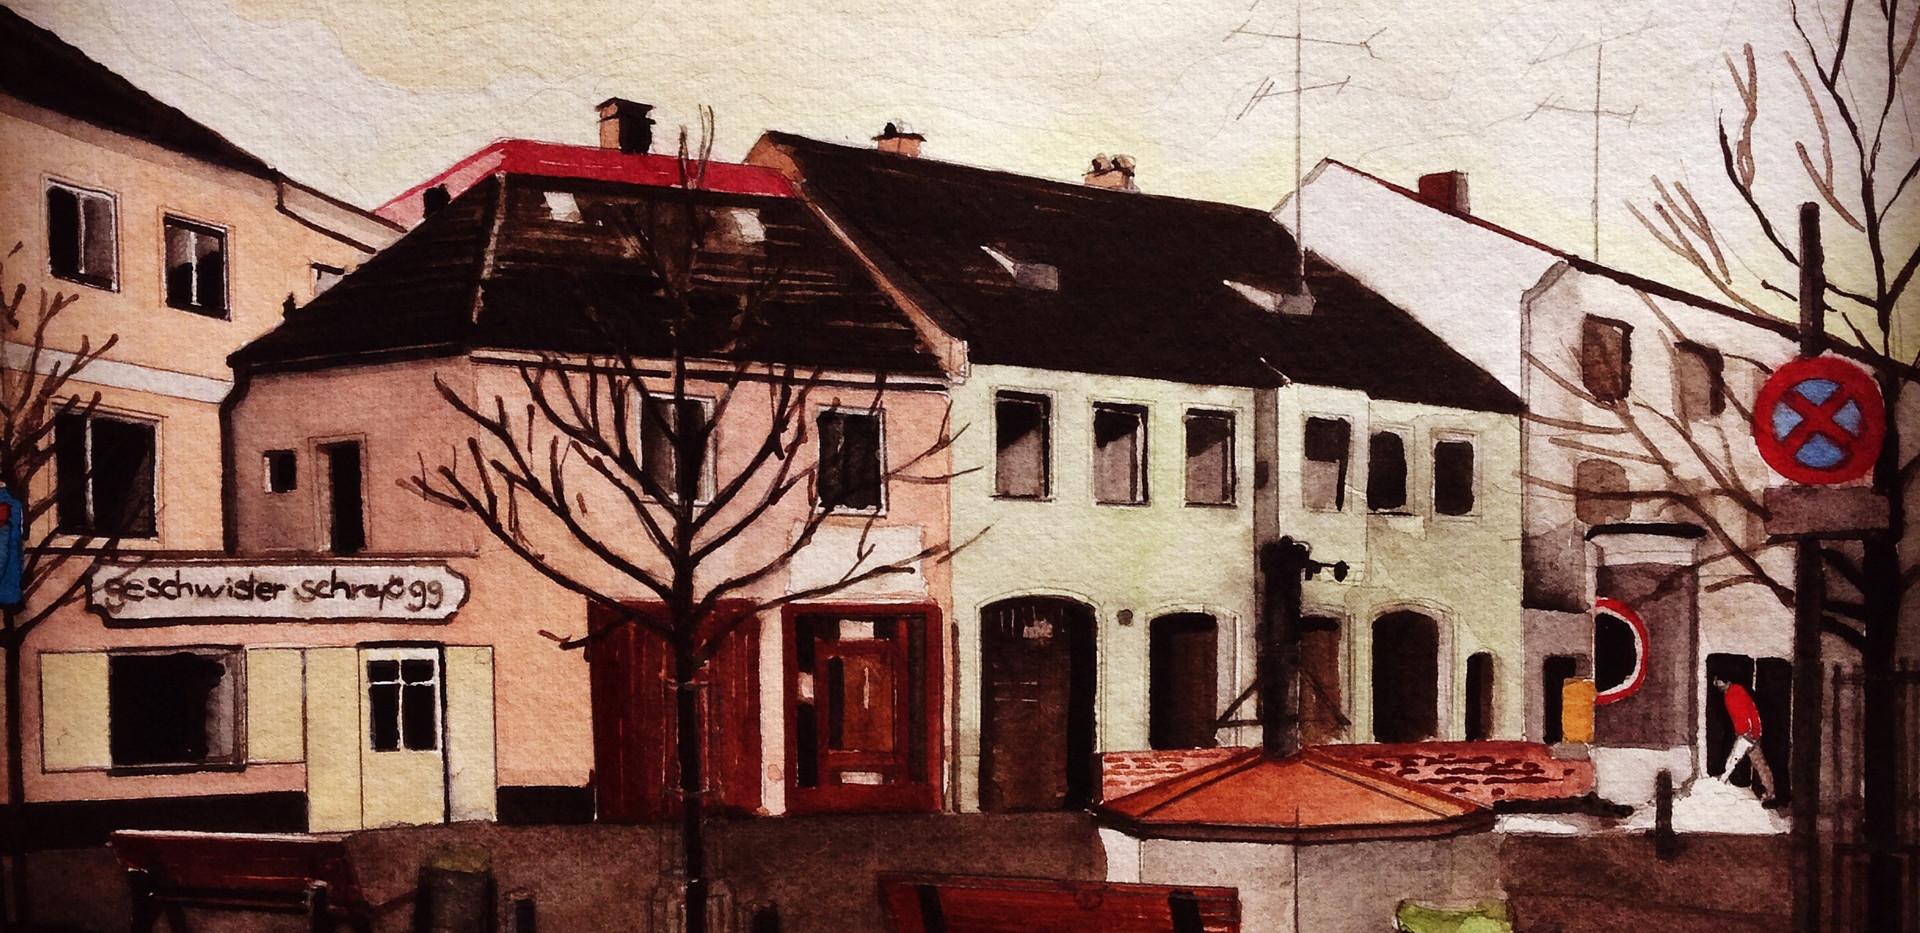 08 Holzmarkt